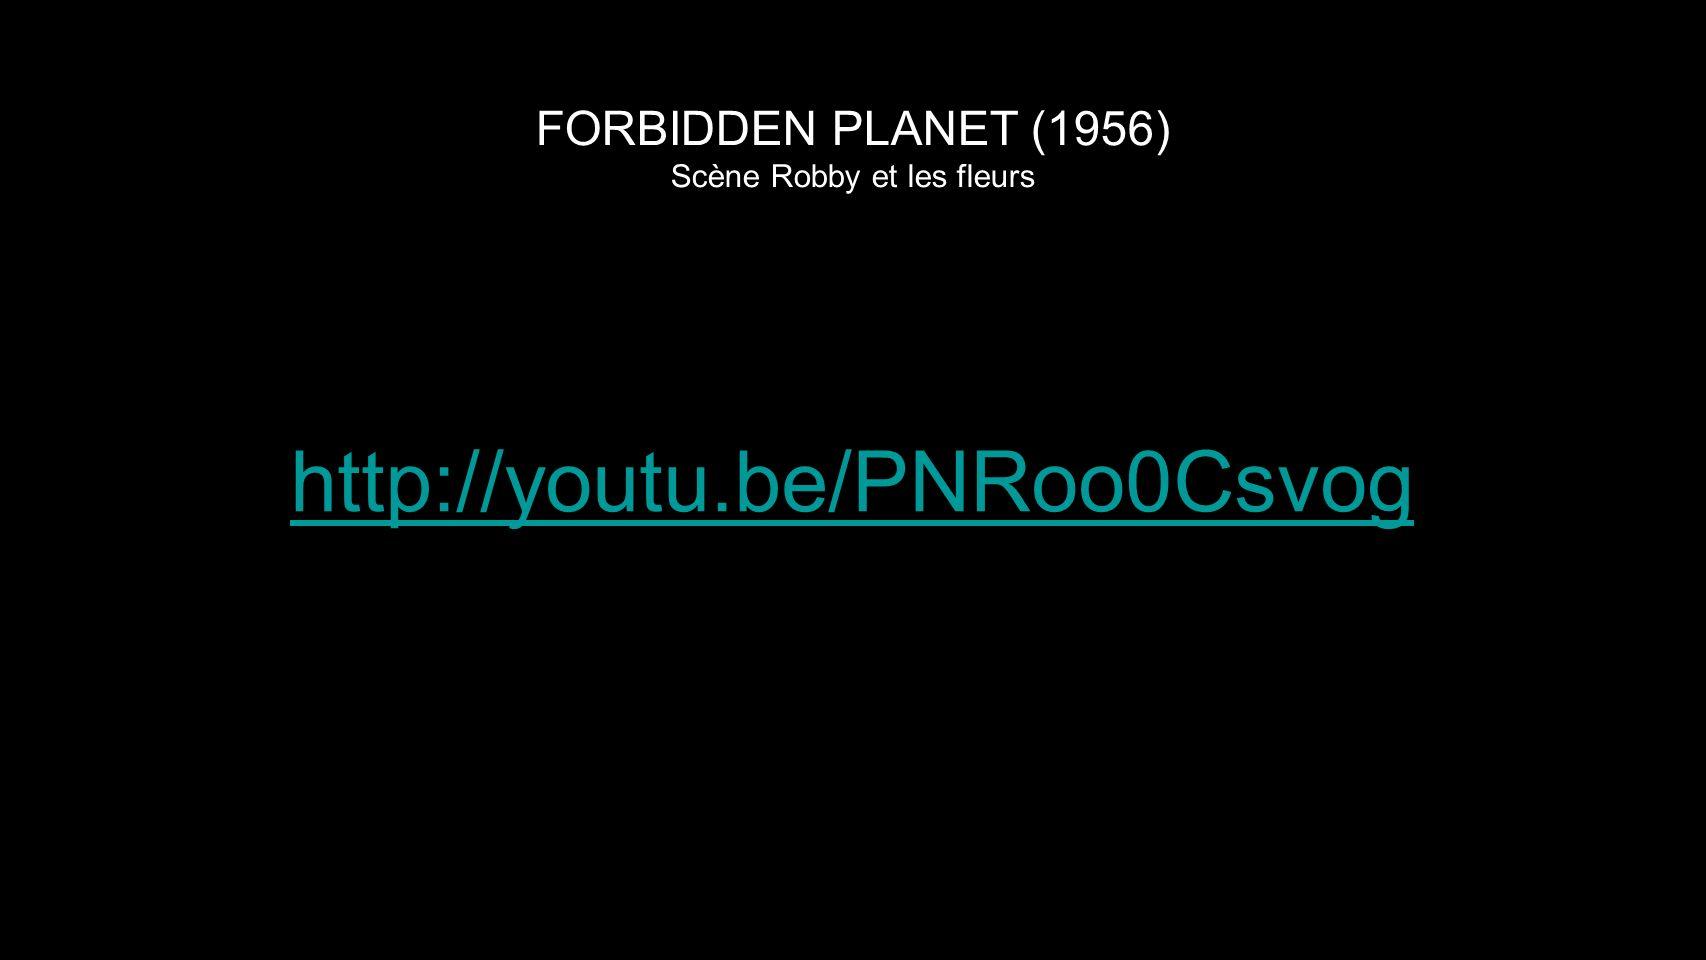 FORBIDDEN PLANET (1956) Scène Robby et les fleurs